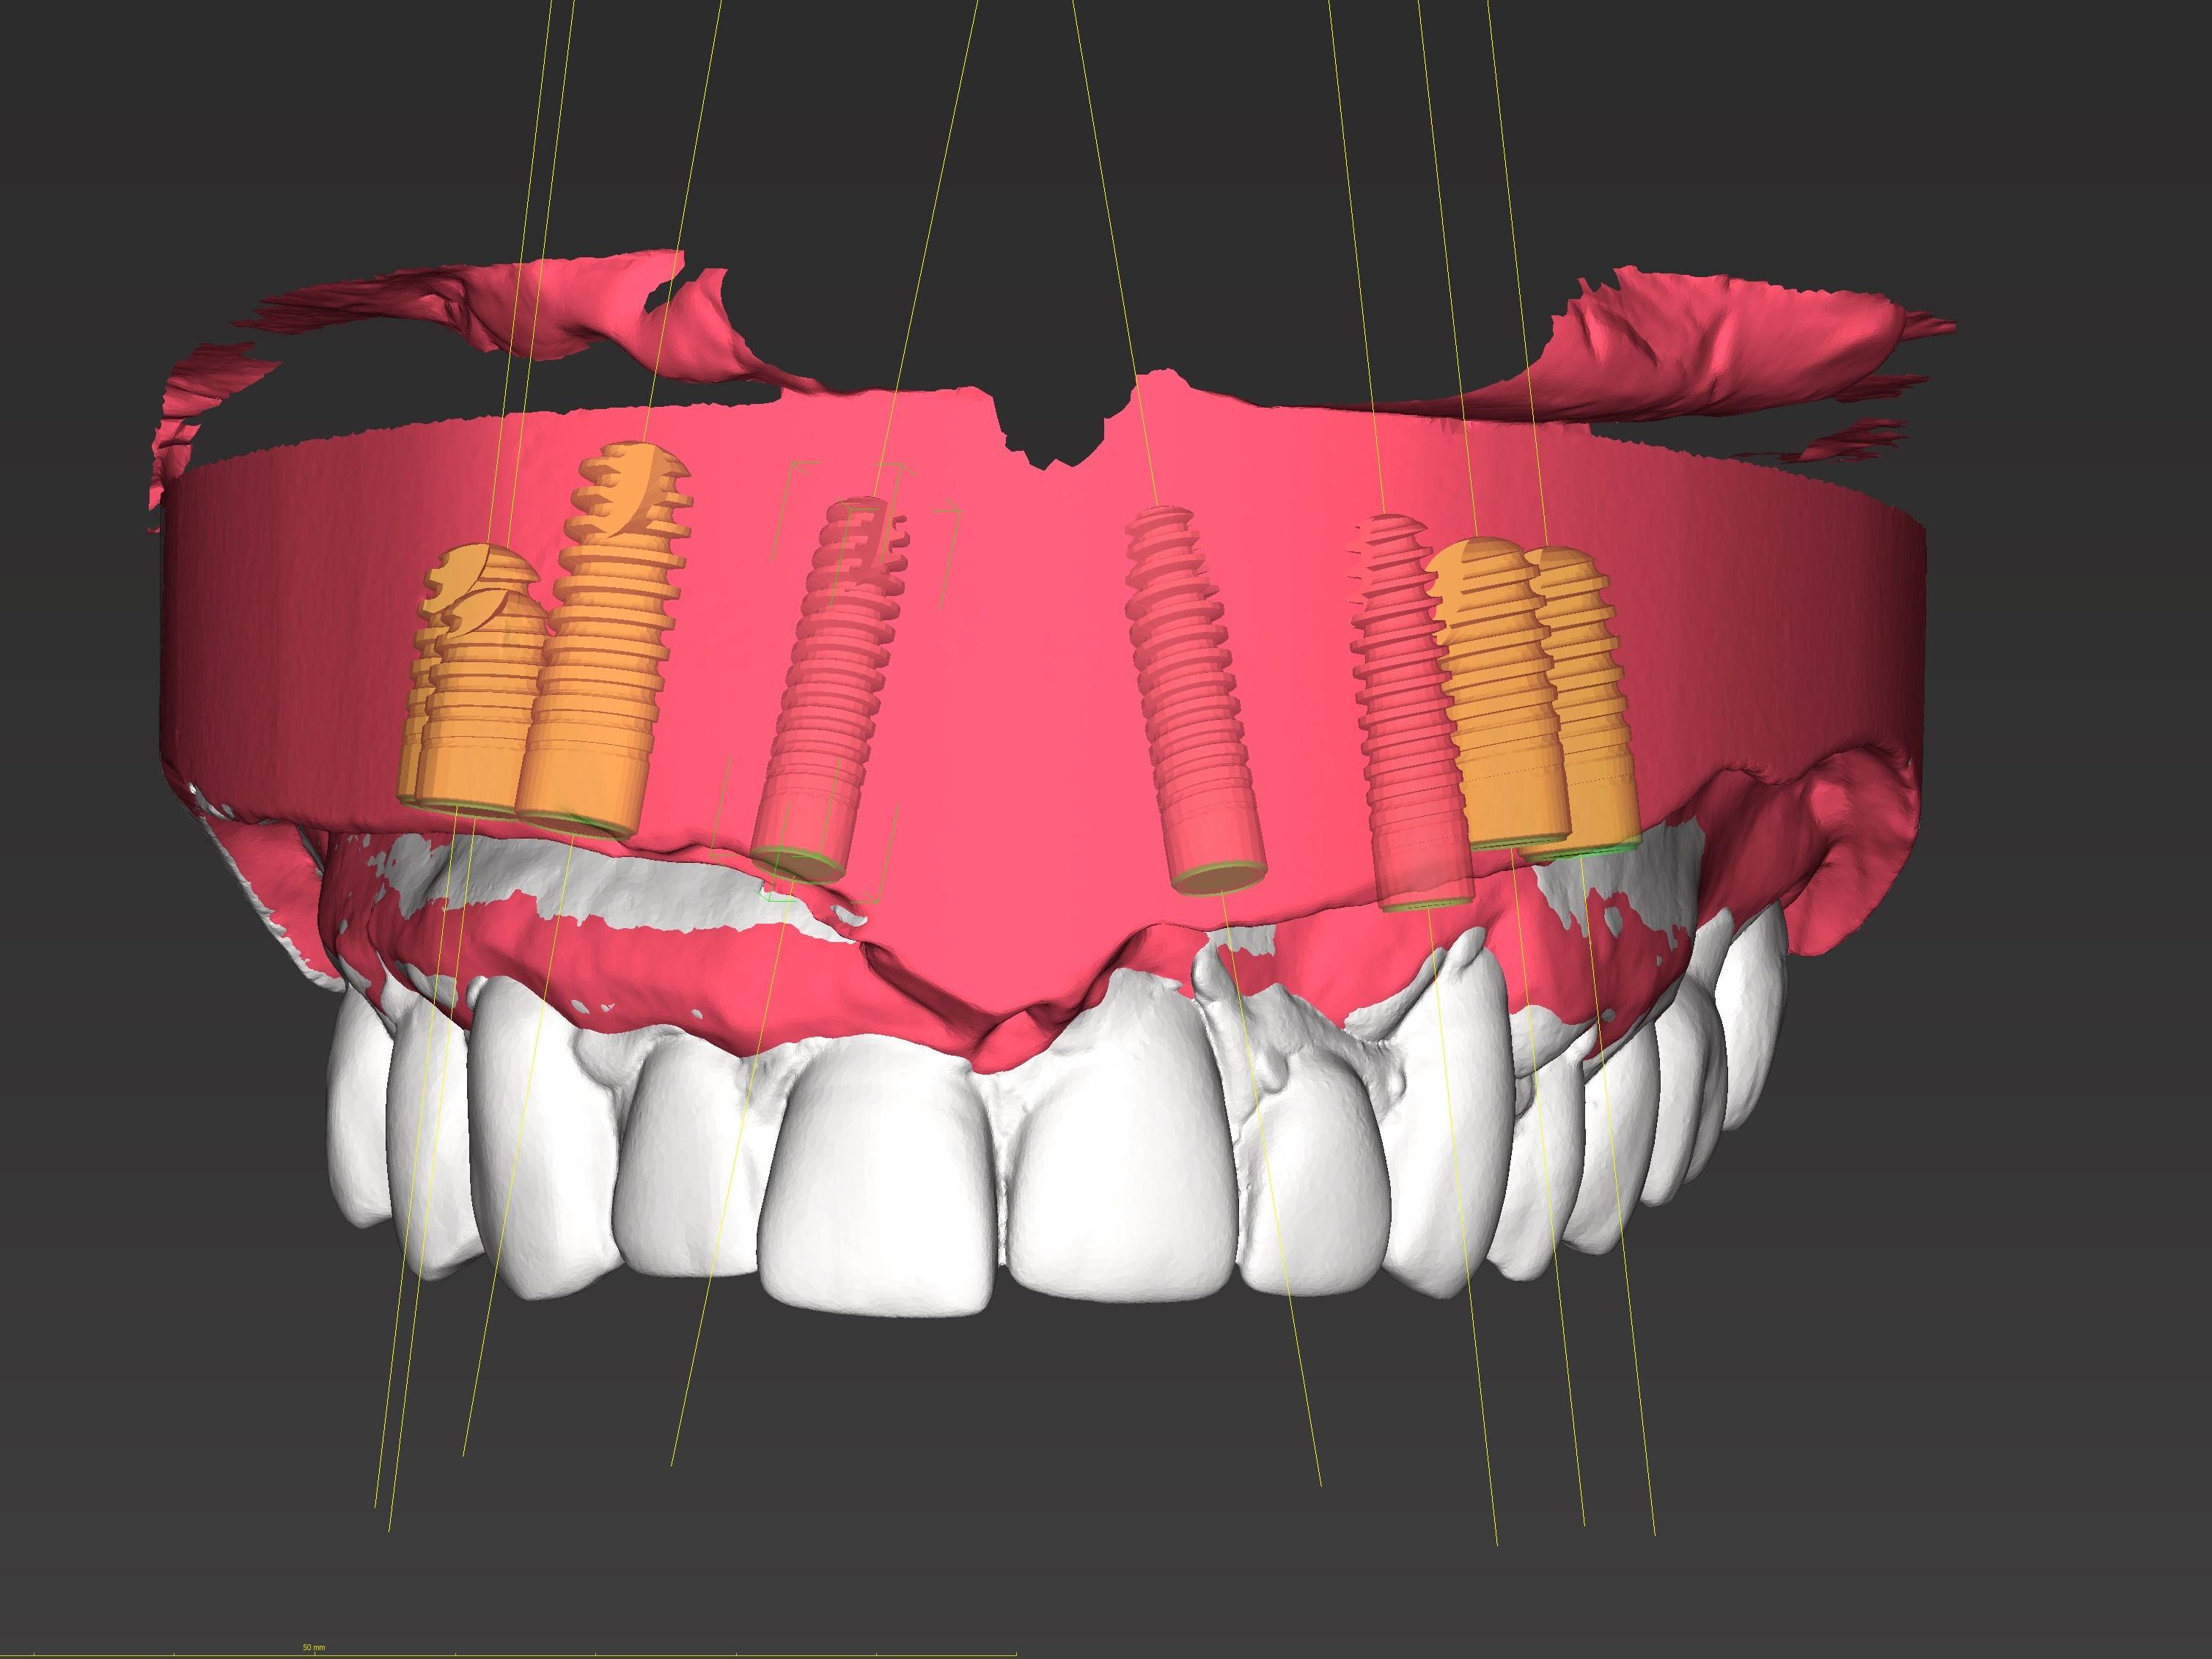 Abb. 4: Virtuelle Planung der Zahnimplantate mit gematchten Zahnersatz